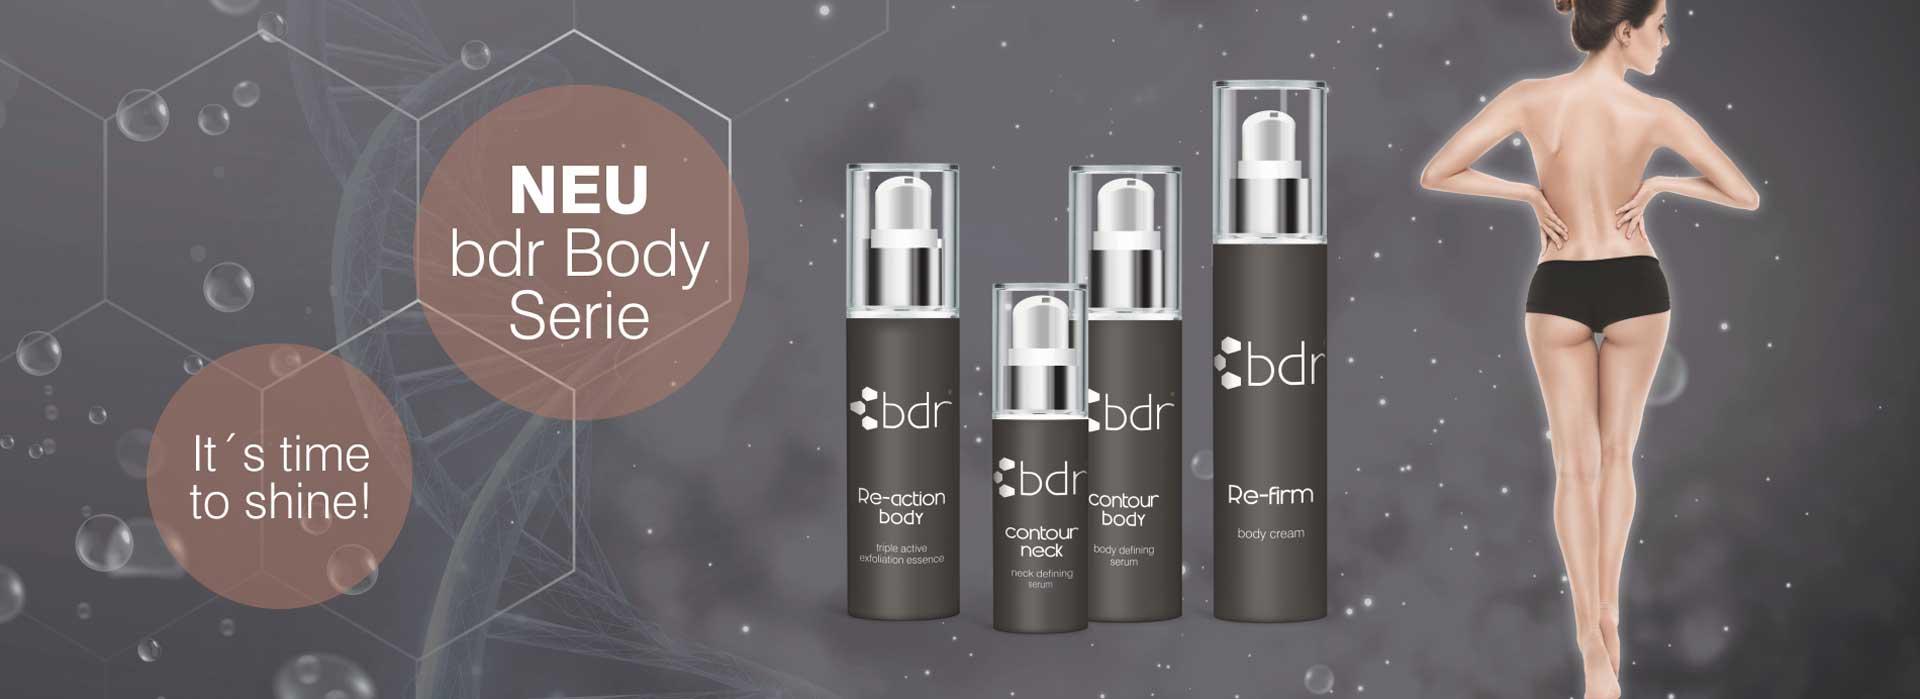 bdr body Serie